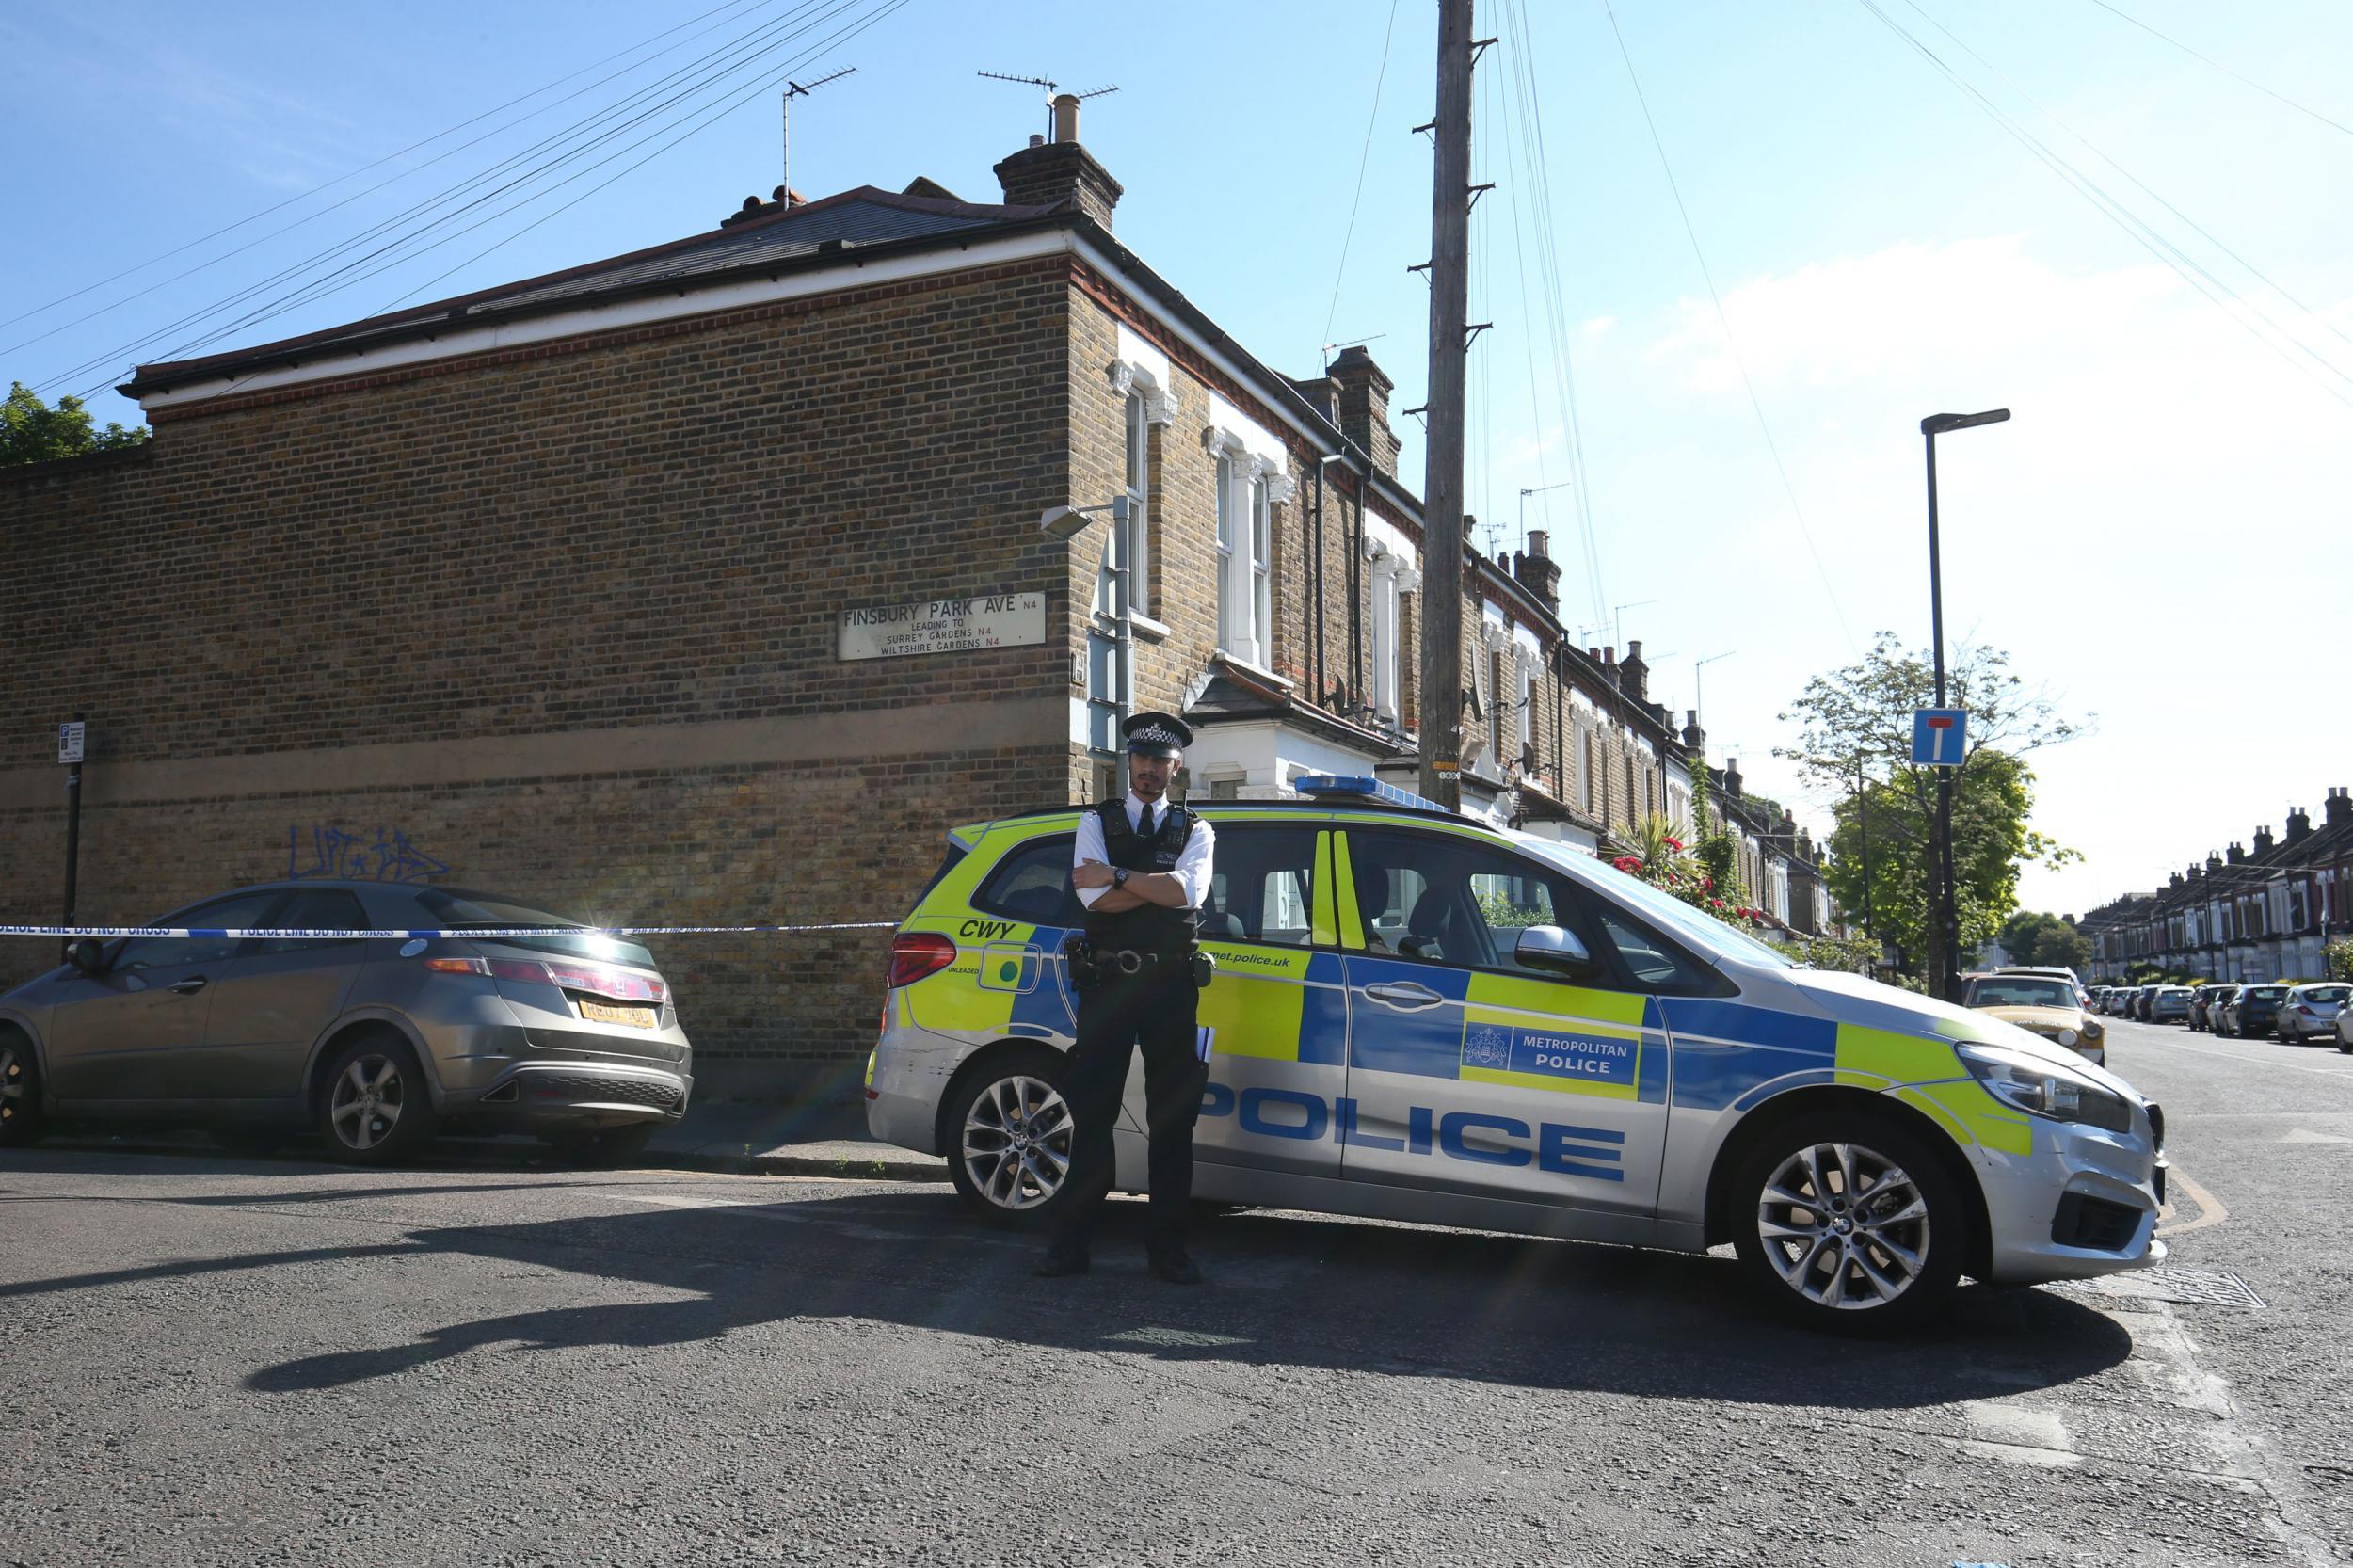 Man shot dead on London doorstep 'in case of mistaken identity' thumbnail